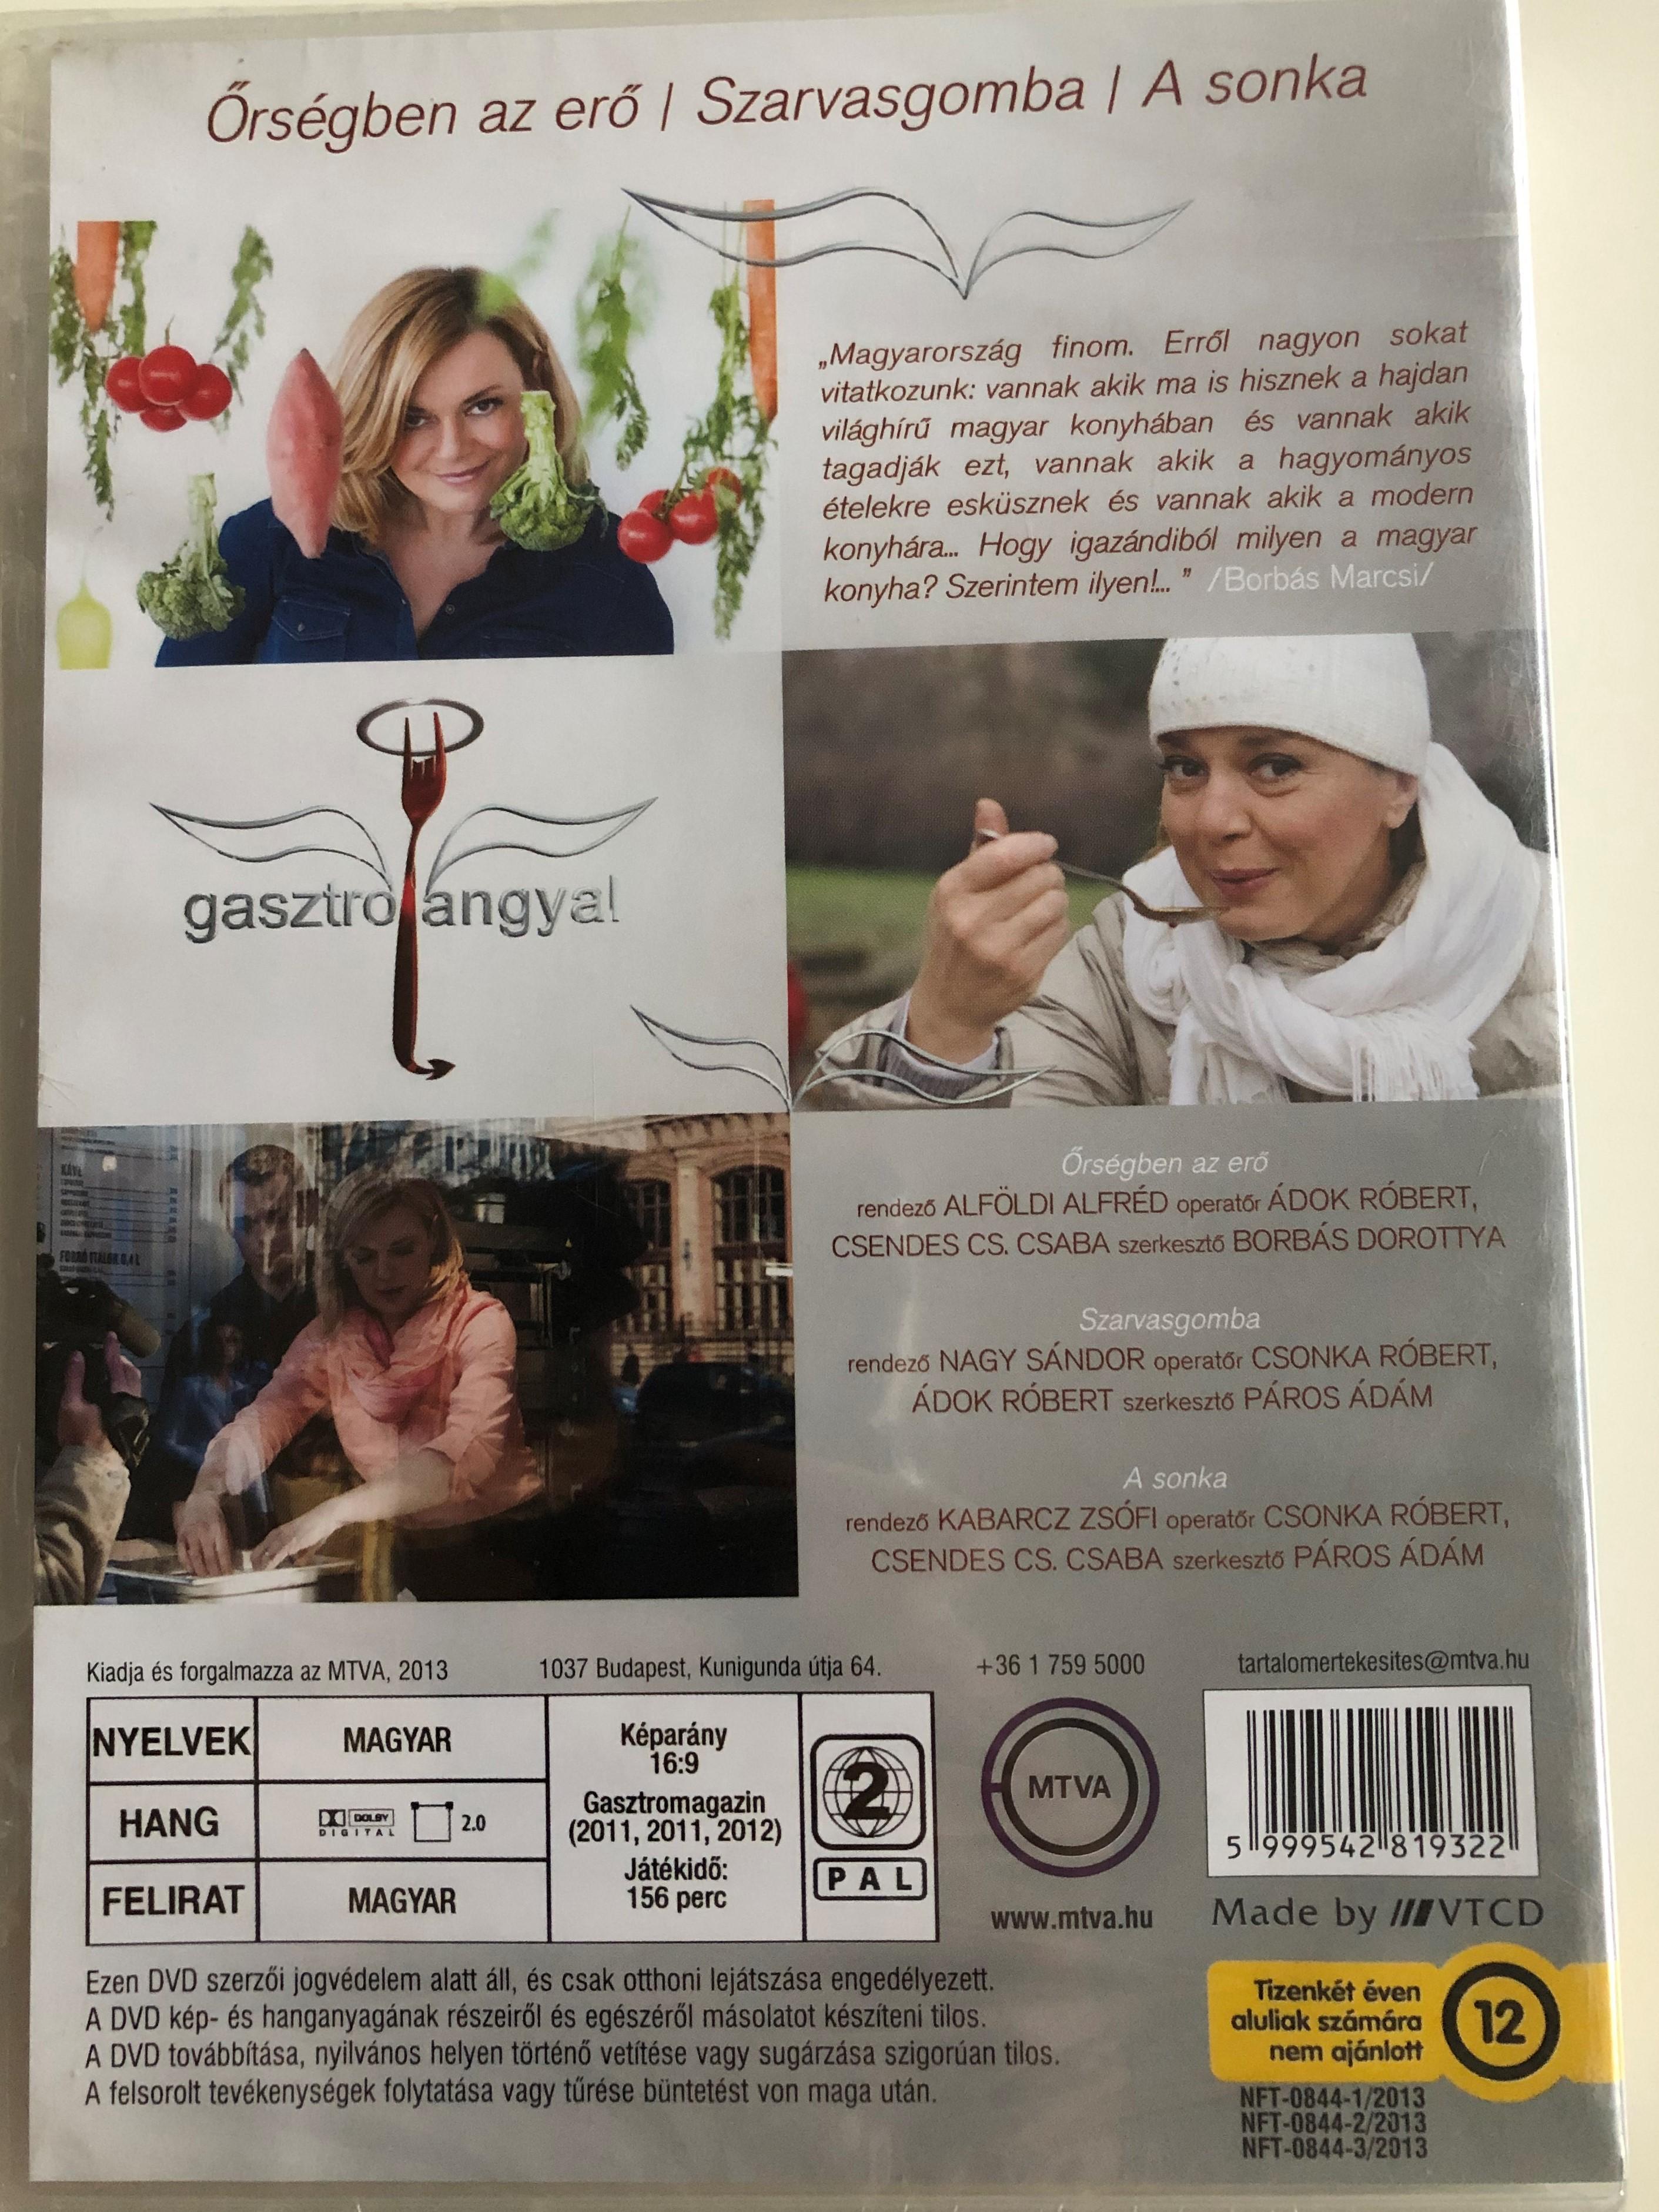 gasztro-angyal-1.-dvd-eszik.-iszik-sosem-alszik-2.jpg